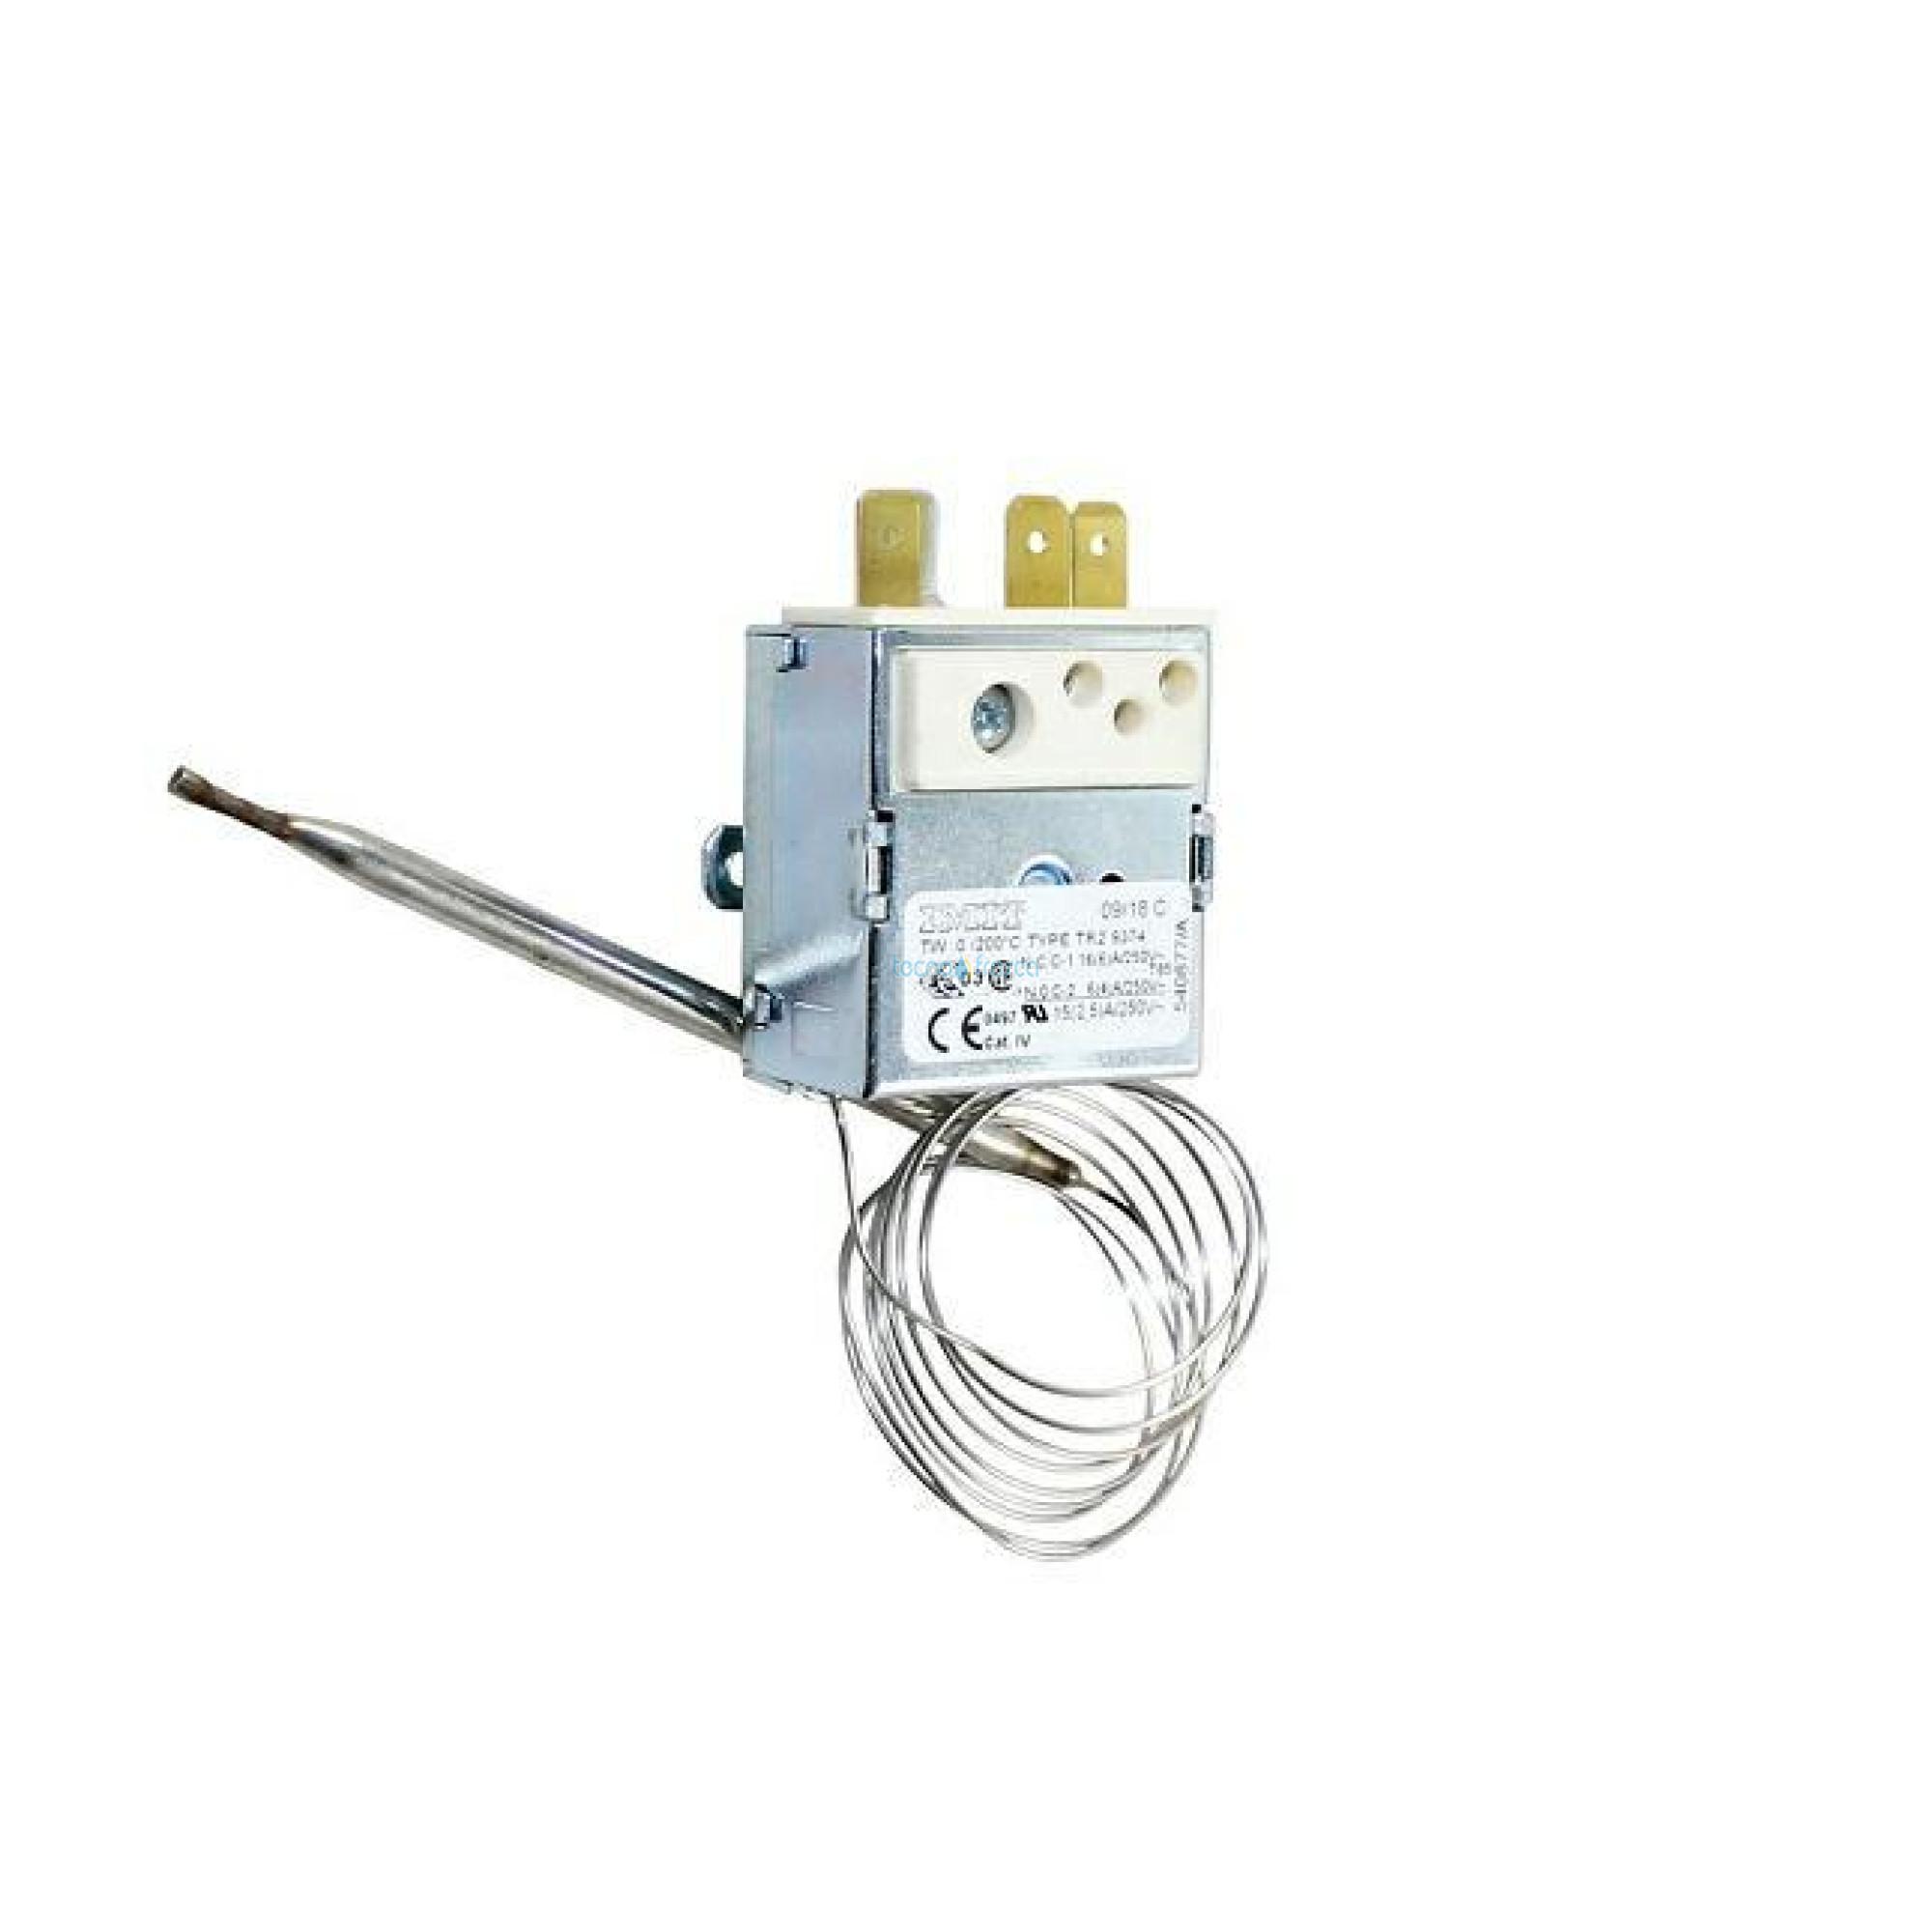 Riello termostato imit tr2 0/200? c 3006444